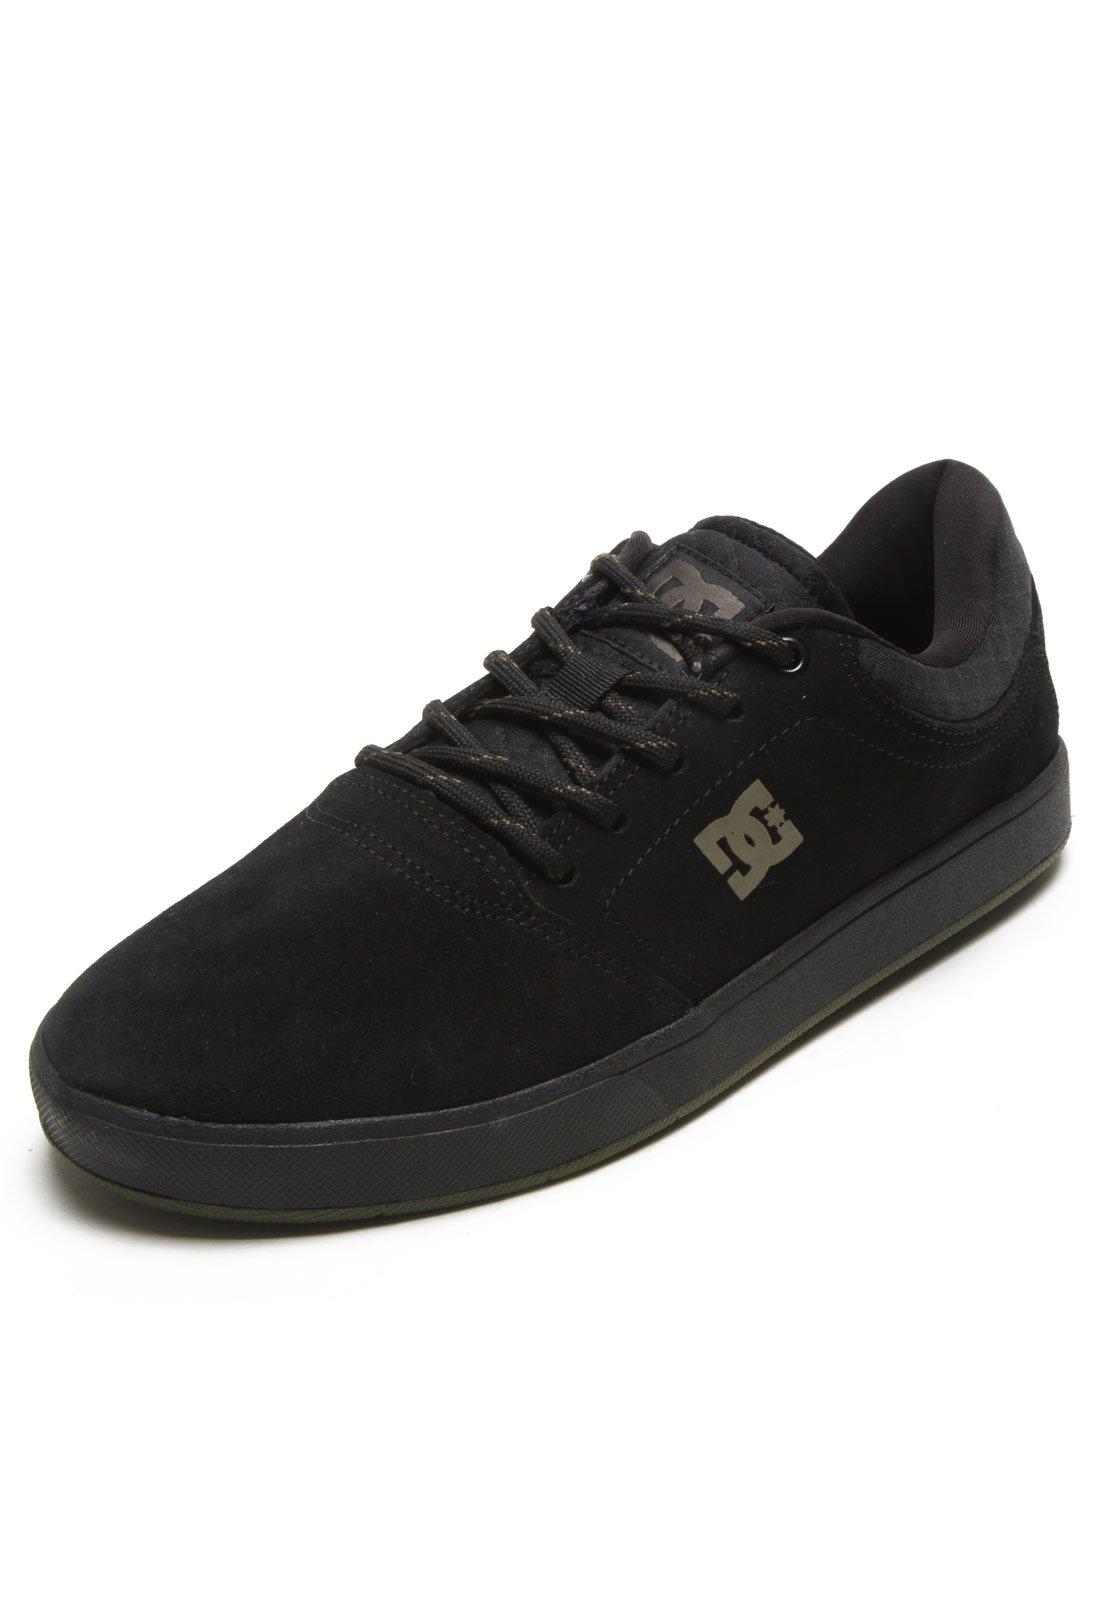 Tenis DC Shoes Crisis Se La Preto - Compre Agora  2da132306246b